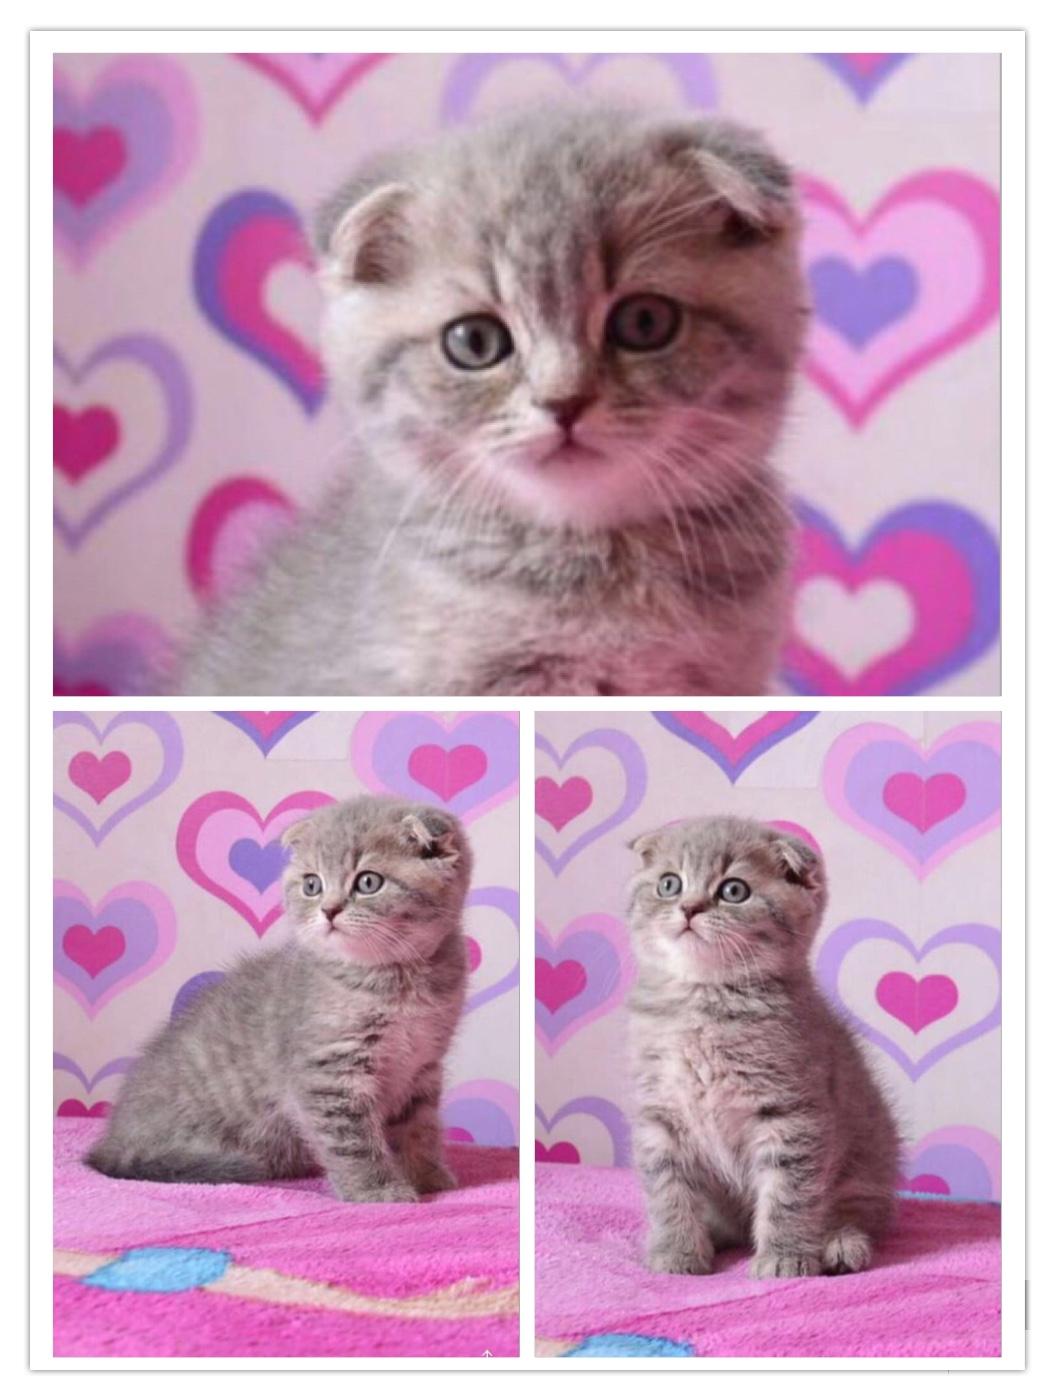 قطط صغيرة للبيع 2021 - منتدى بيع وشراء قطط الشيرازي والهملايا 8d5d7dac1878a49f2a08e5a634781de8